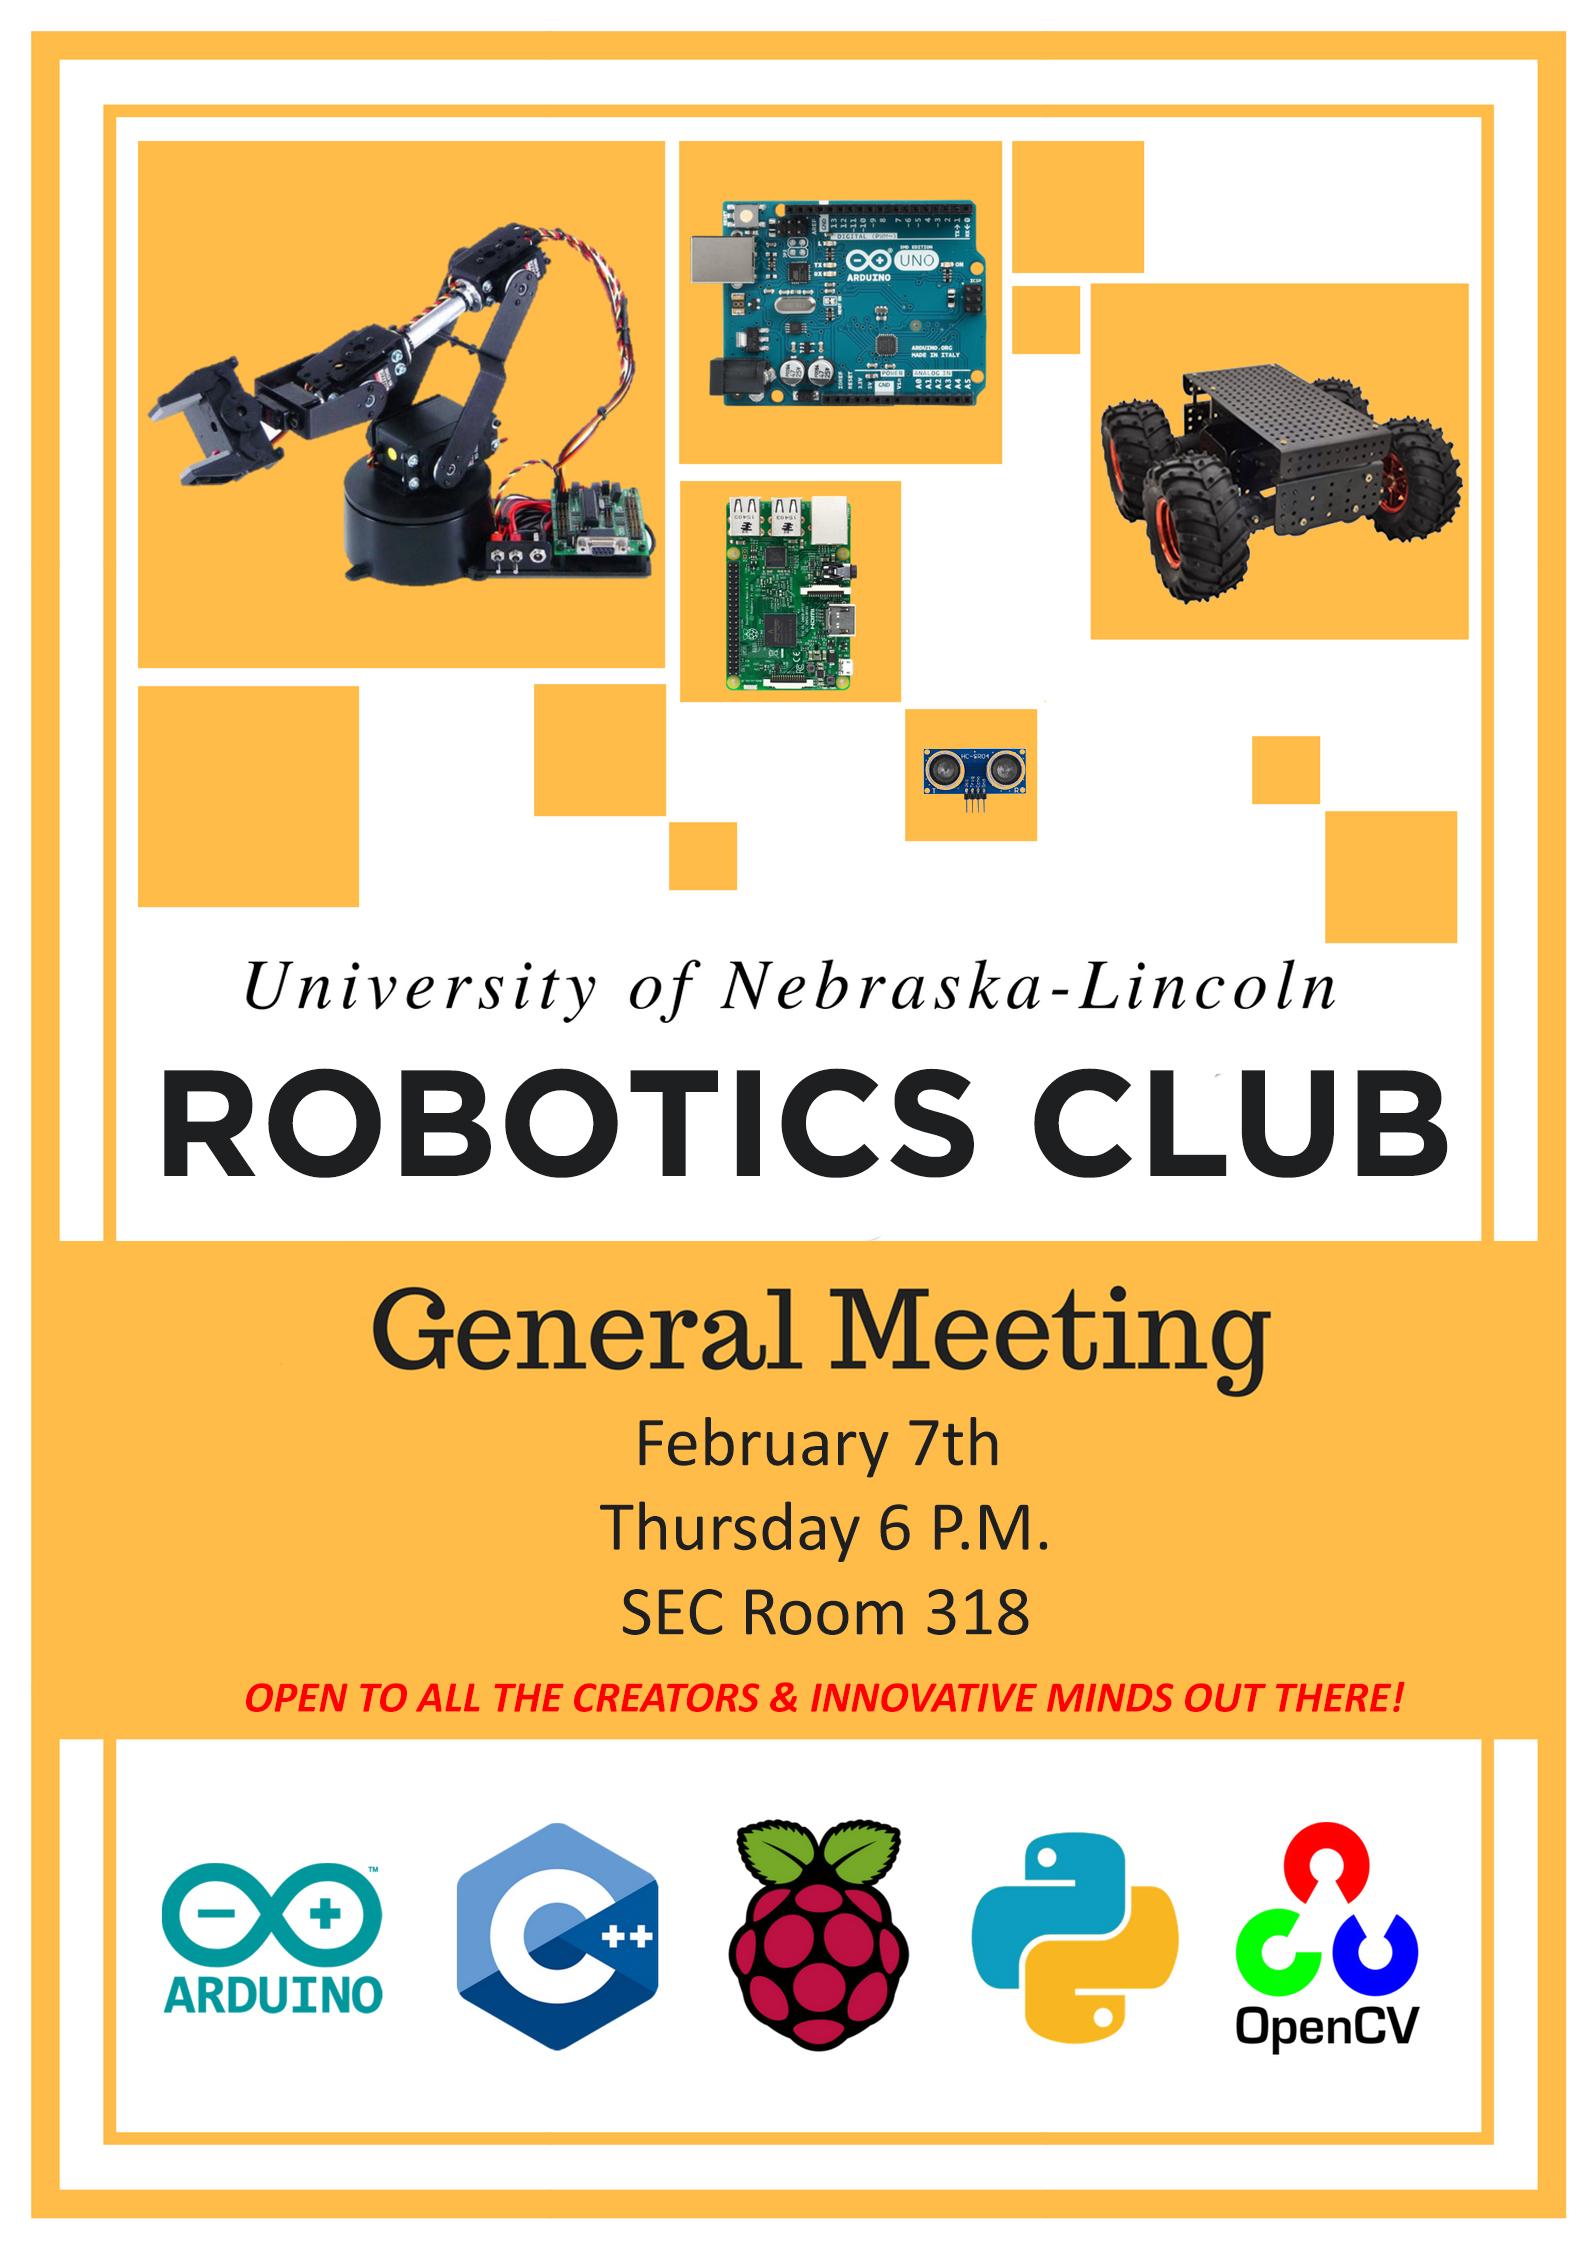 UNL Robotics Club